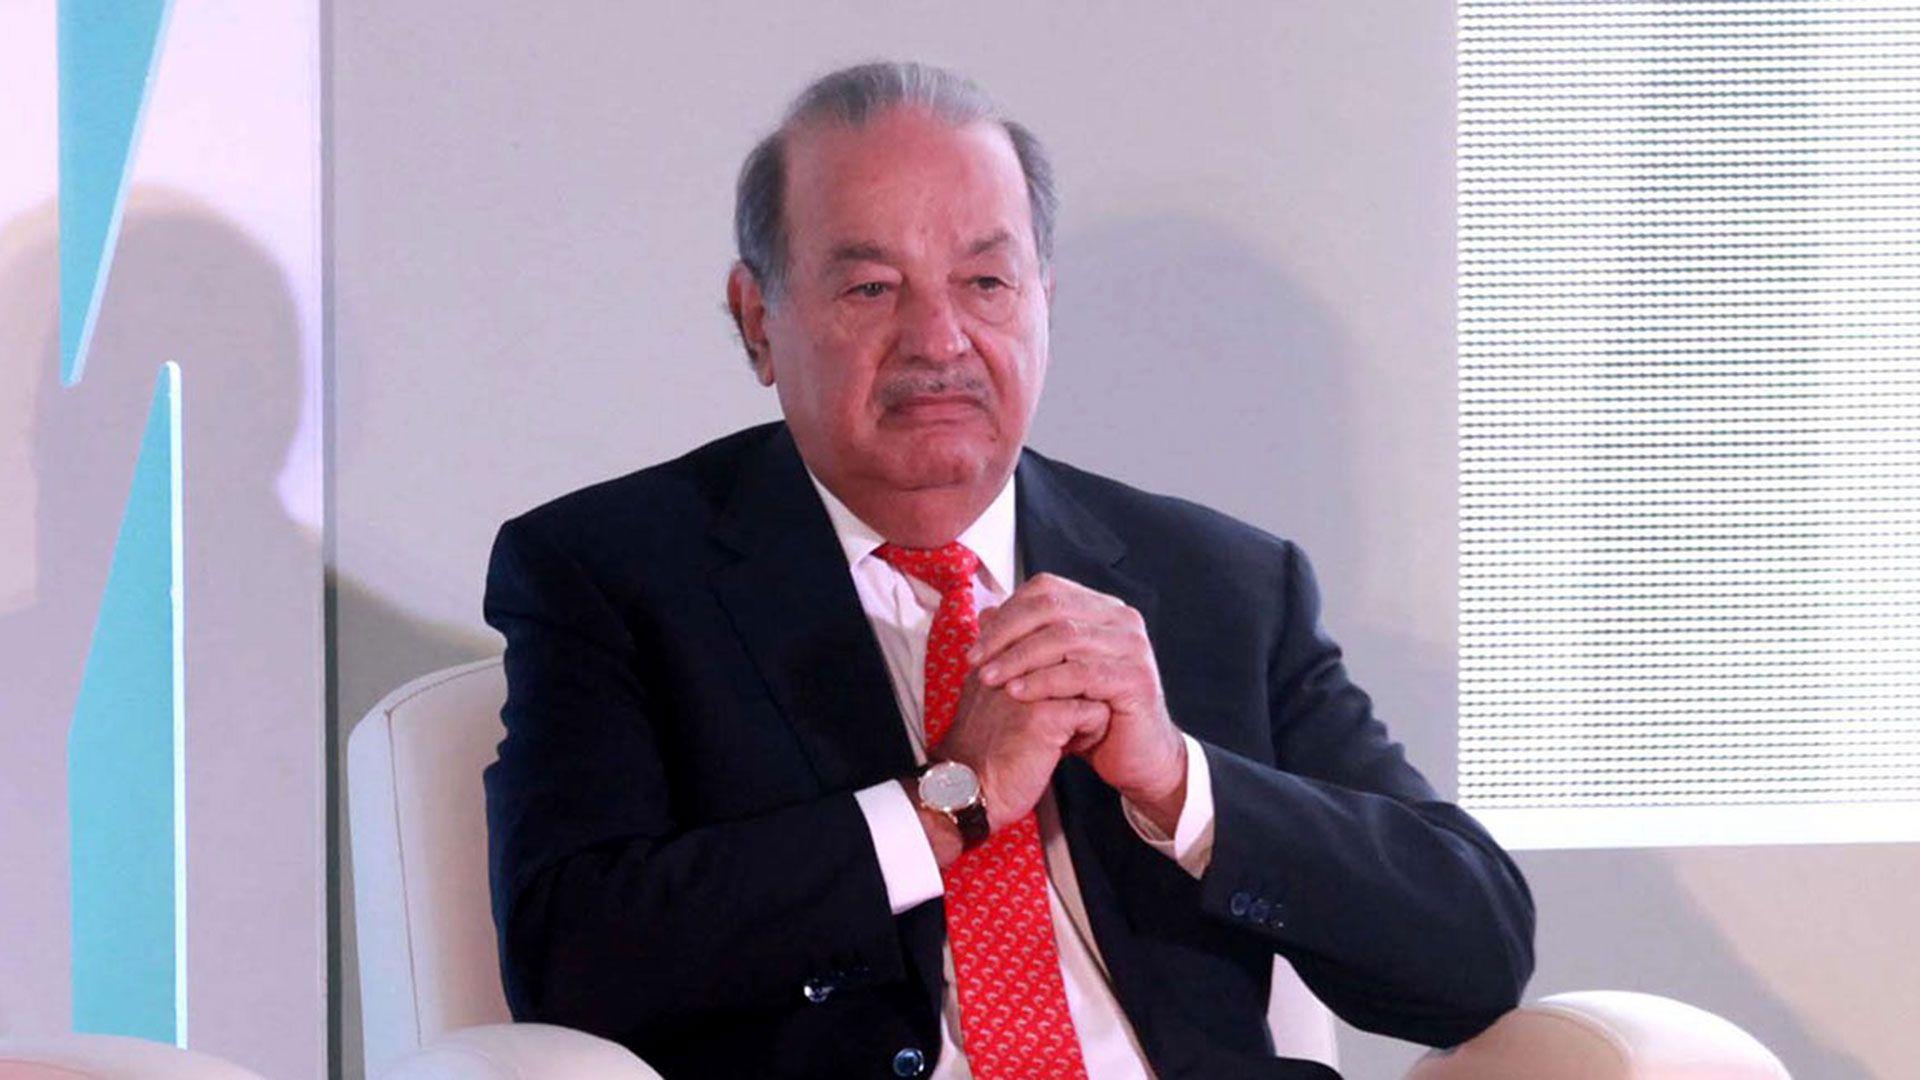 Carlos Slim es uno de los empresarios más ricos del mundo (Foto: Archivo)